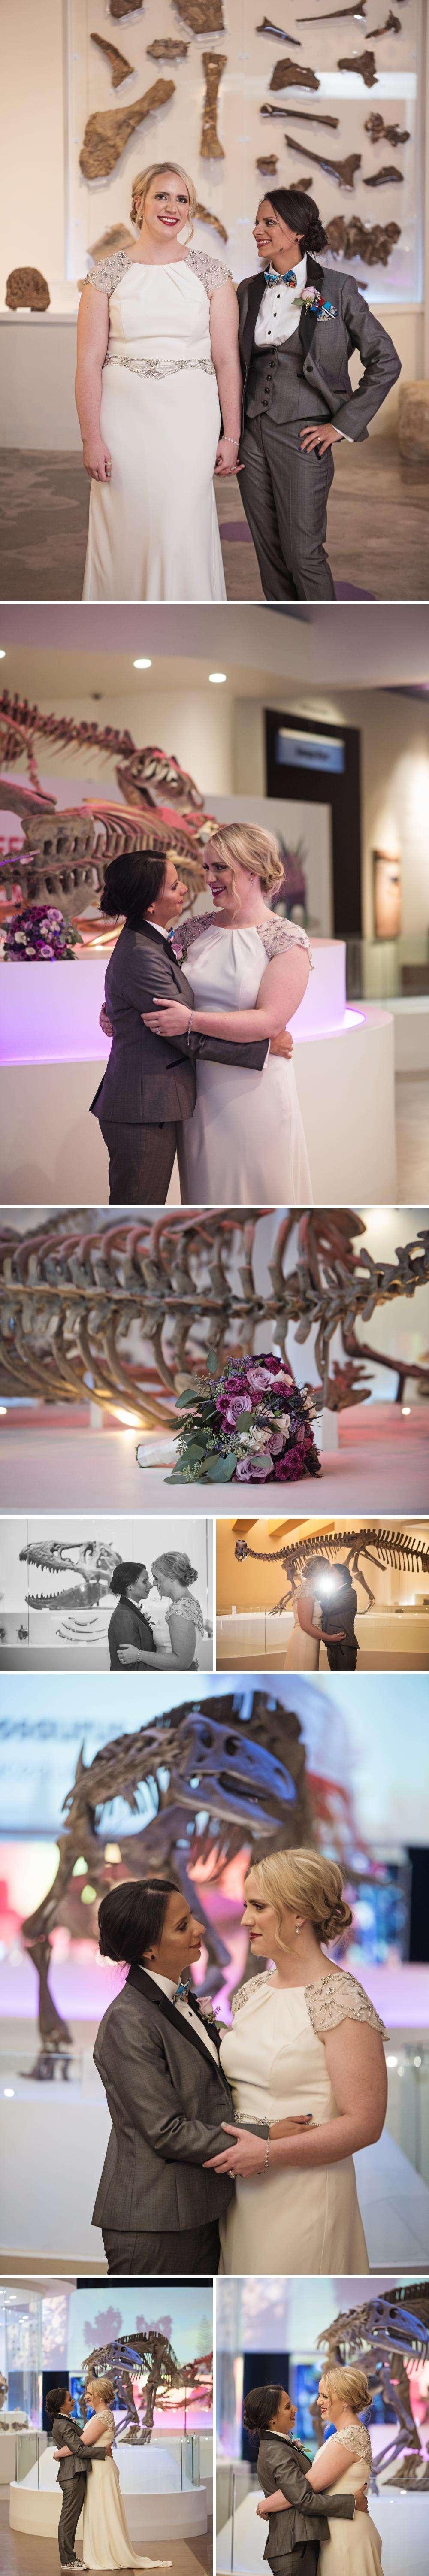 Same Sex Wedding Photographer Dallas Texas